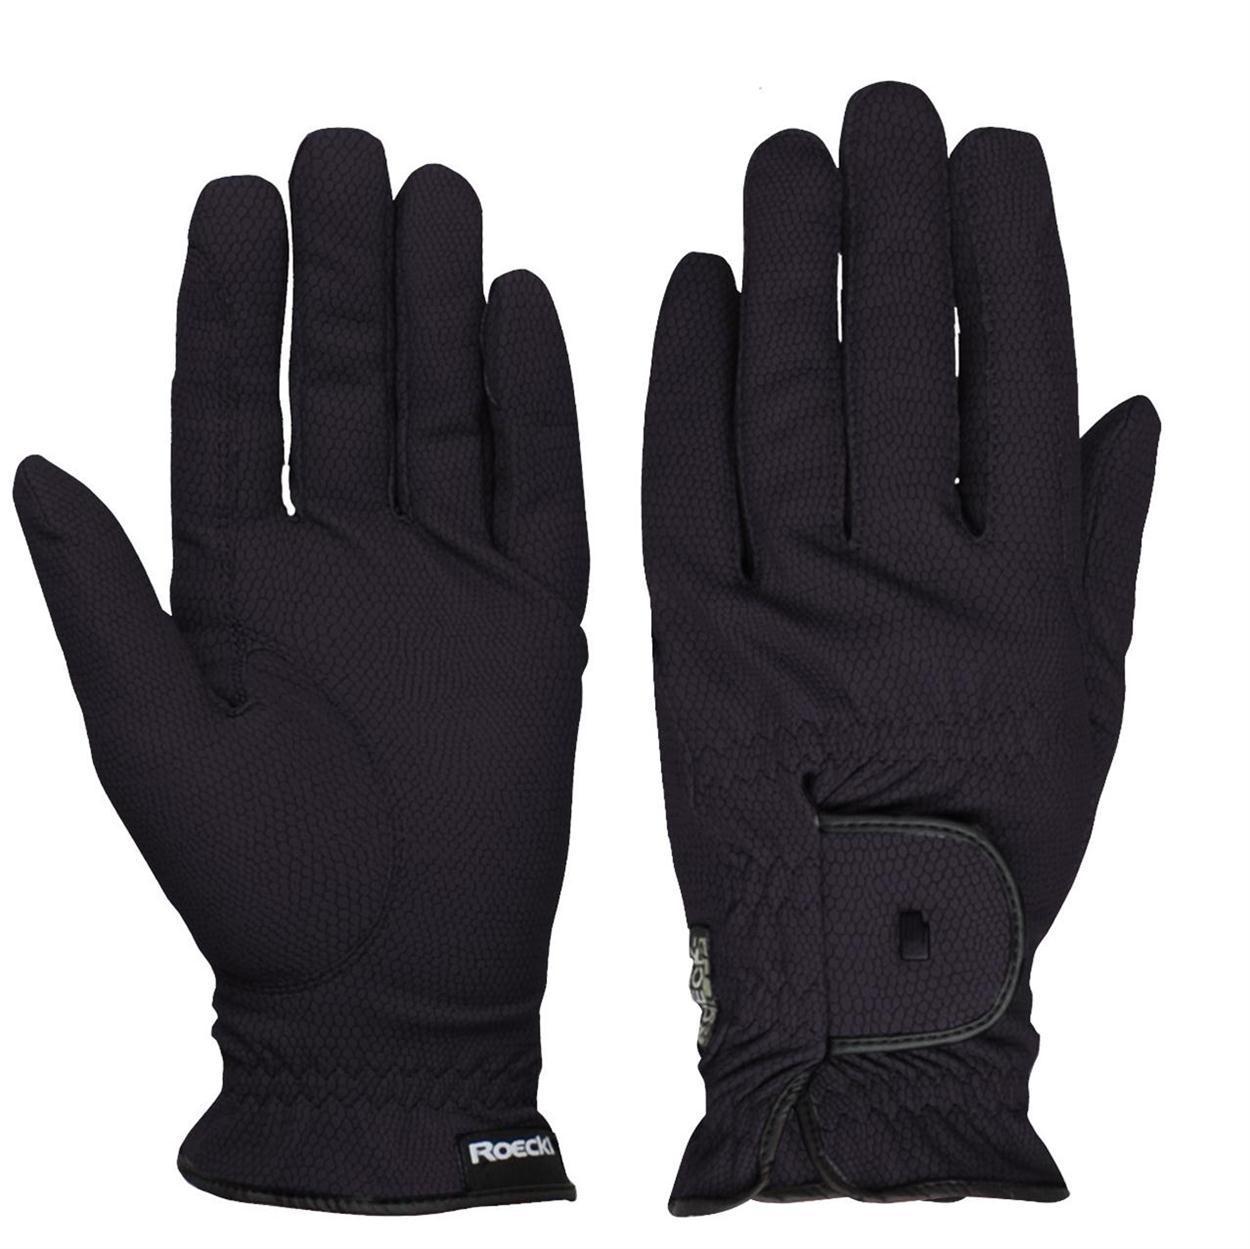 Roeckl Roeck grip Handschoen zwart maat:6,5